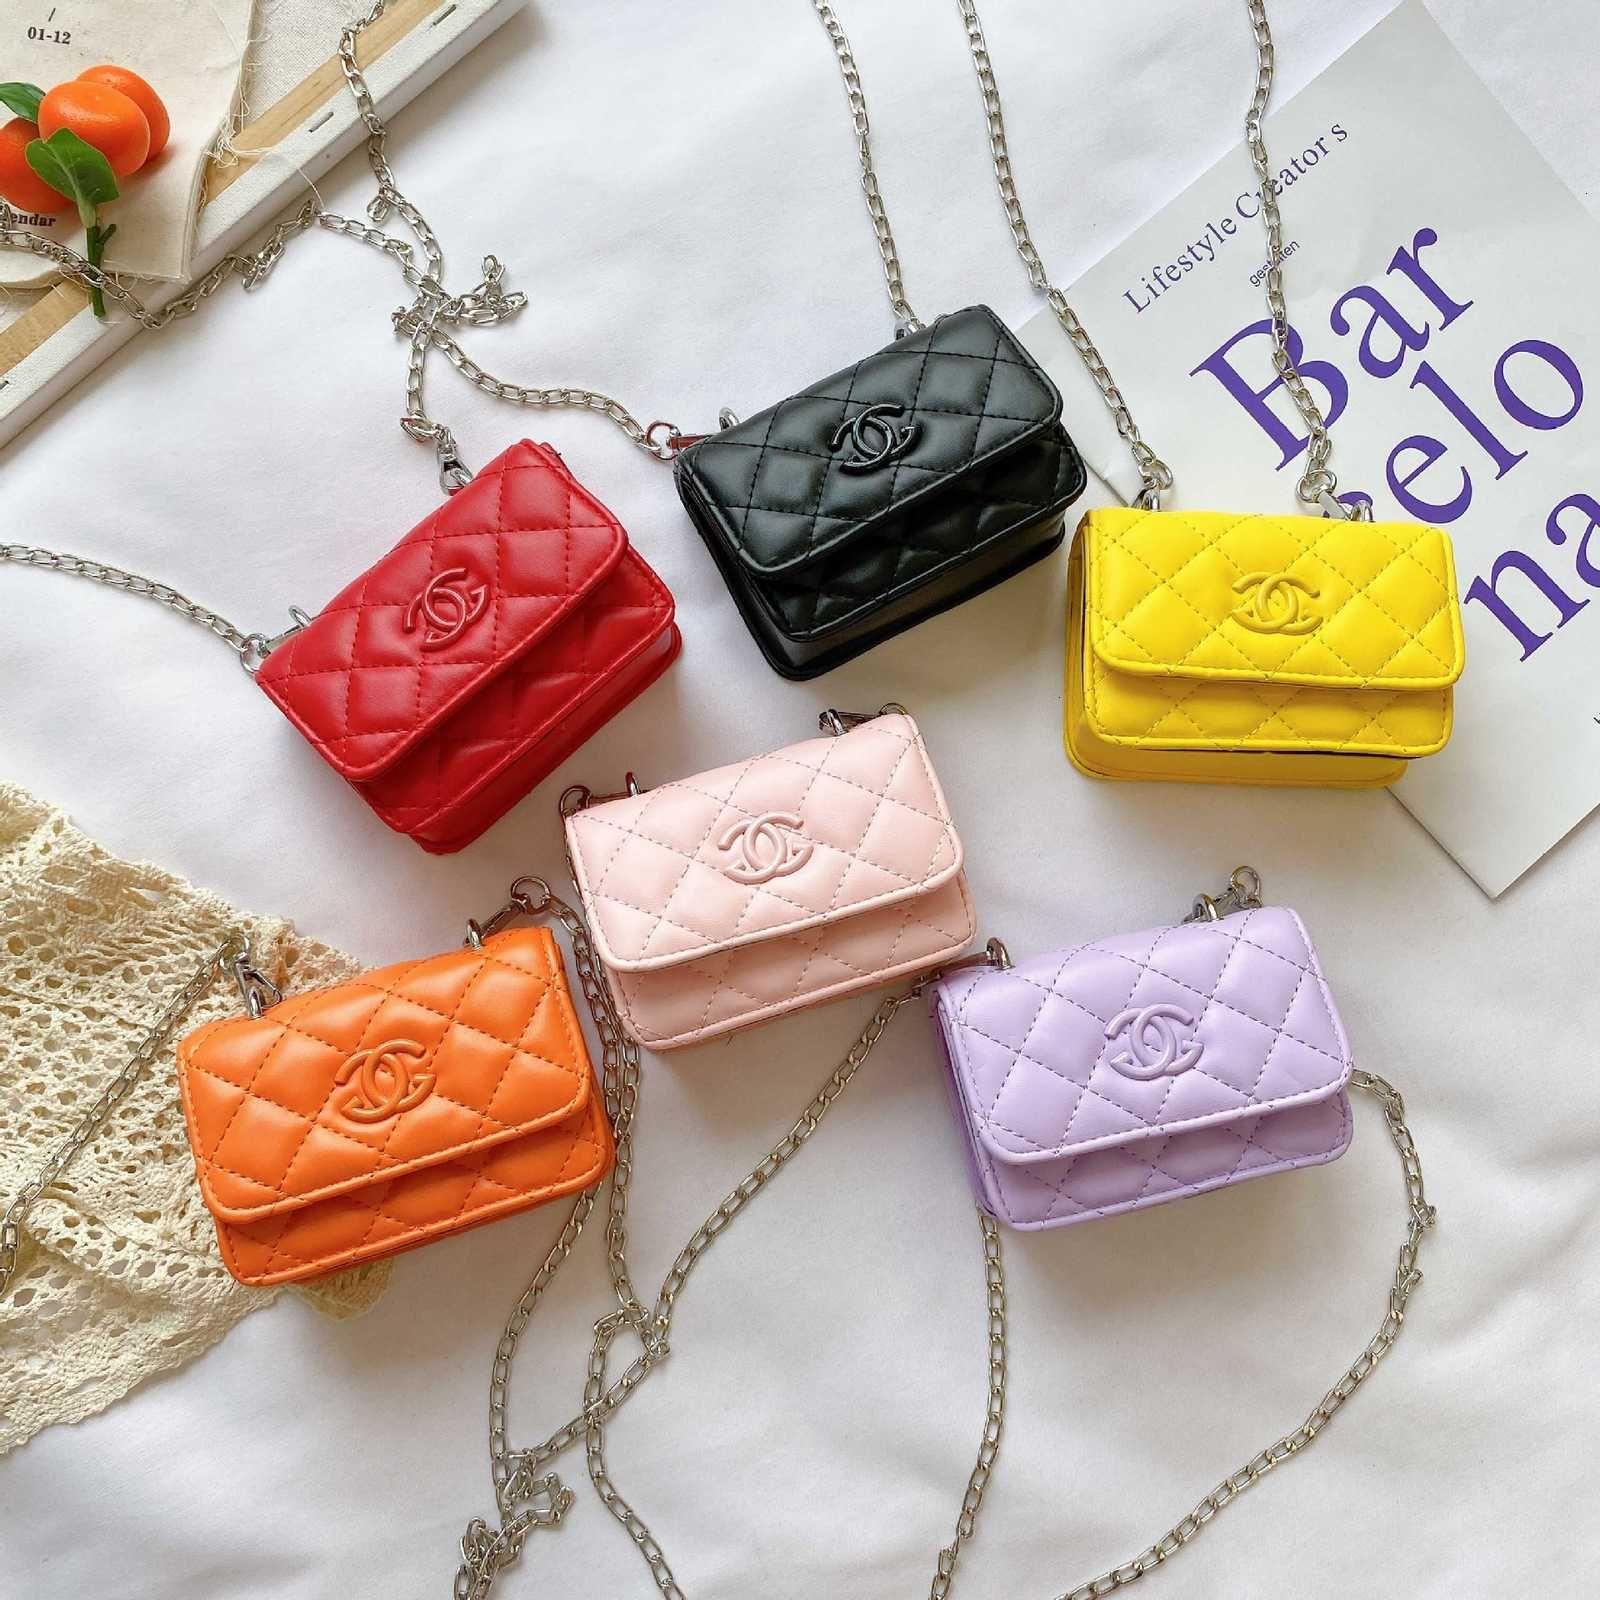 Koreaner Herbst 2021 Neue Kinder Mode Trend der neuen Kinder Ein Schulter Messenger Kette Kleine Tasche